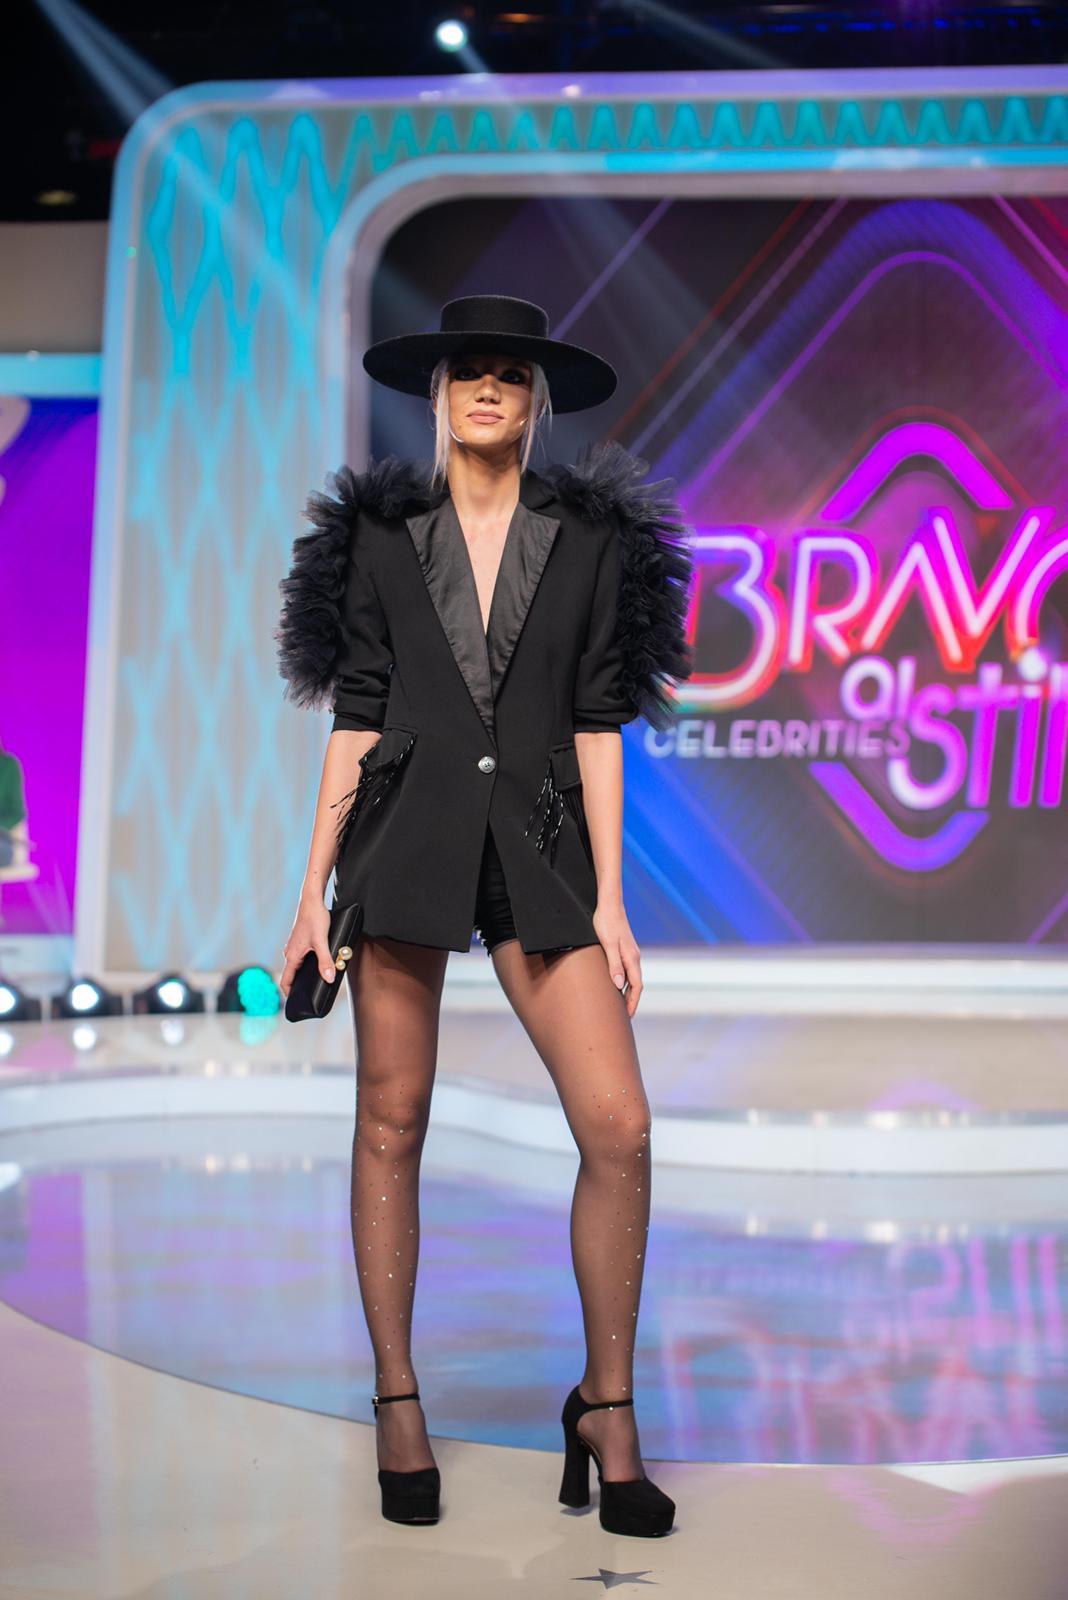 Bianca Giurcanu